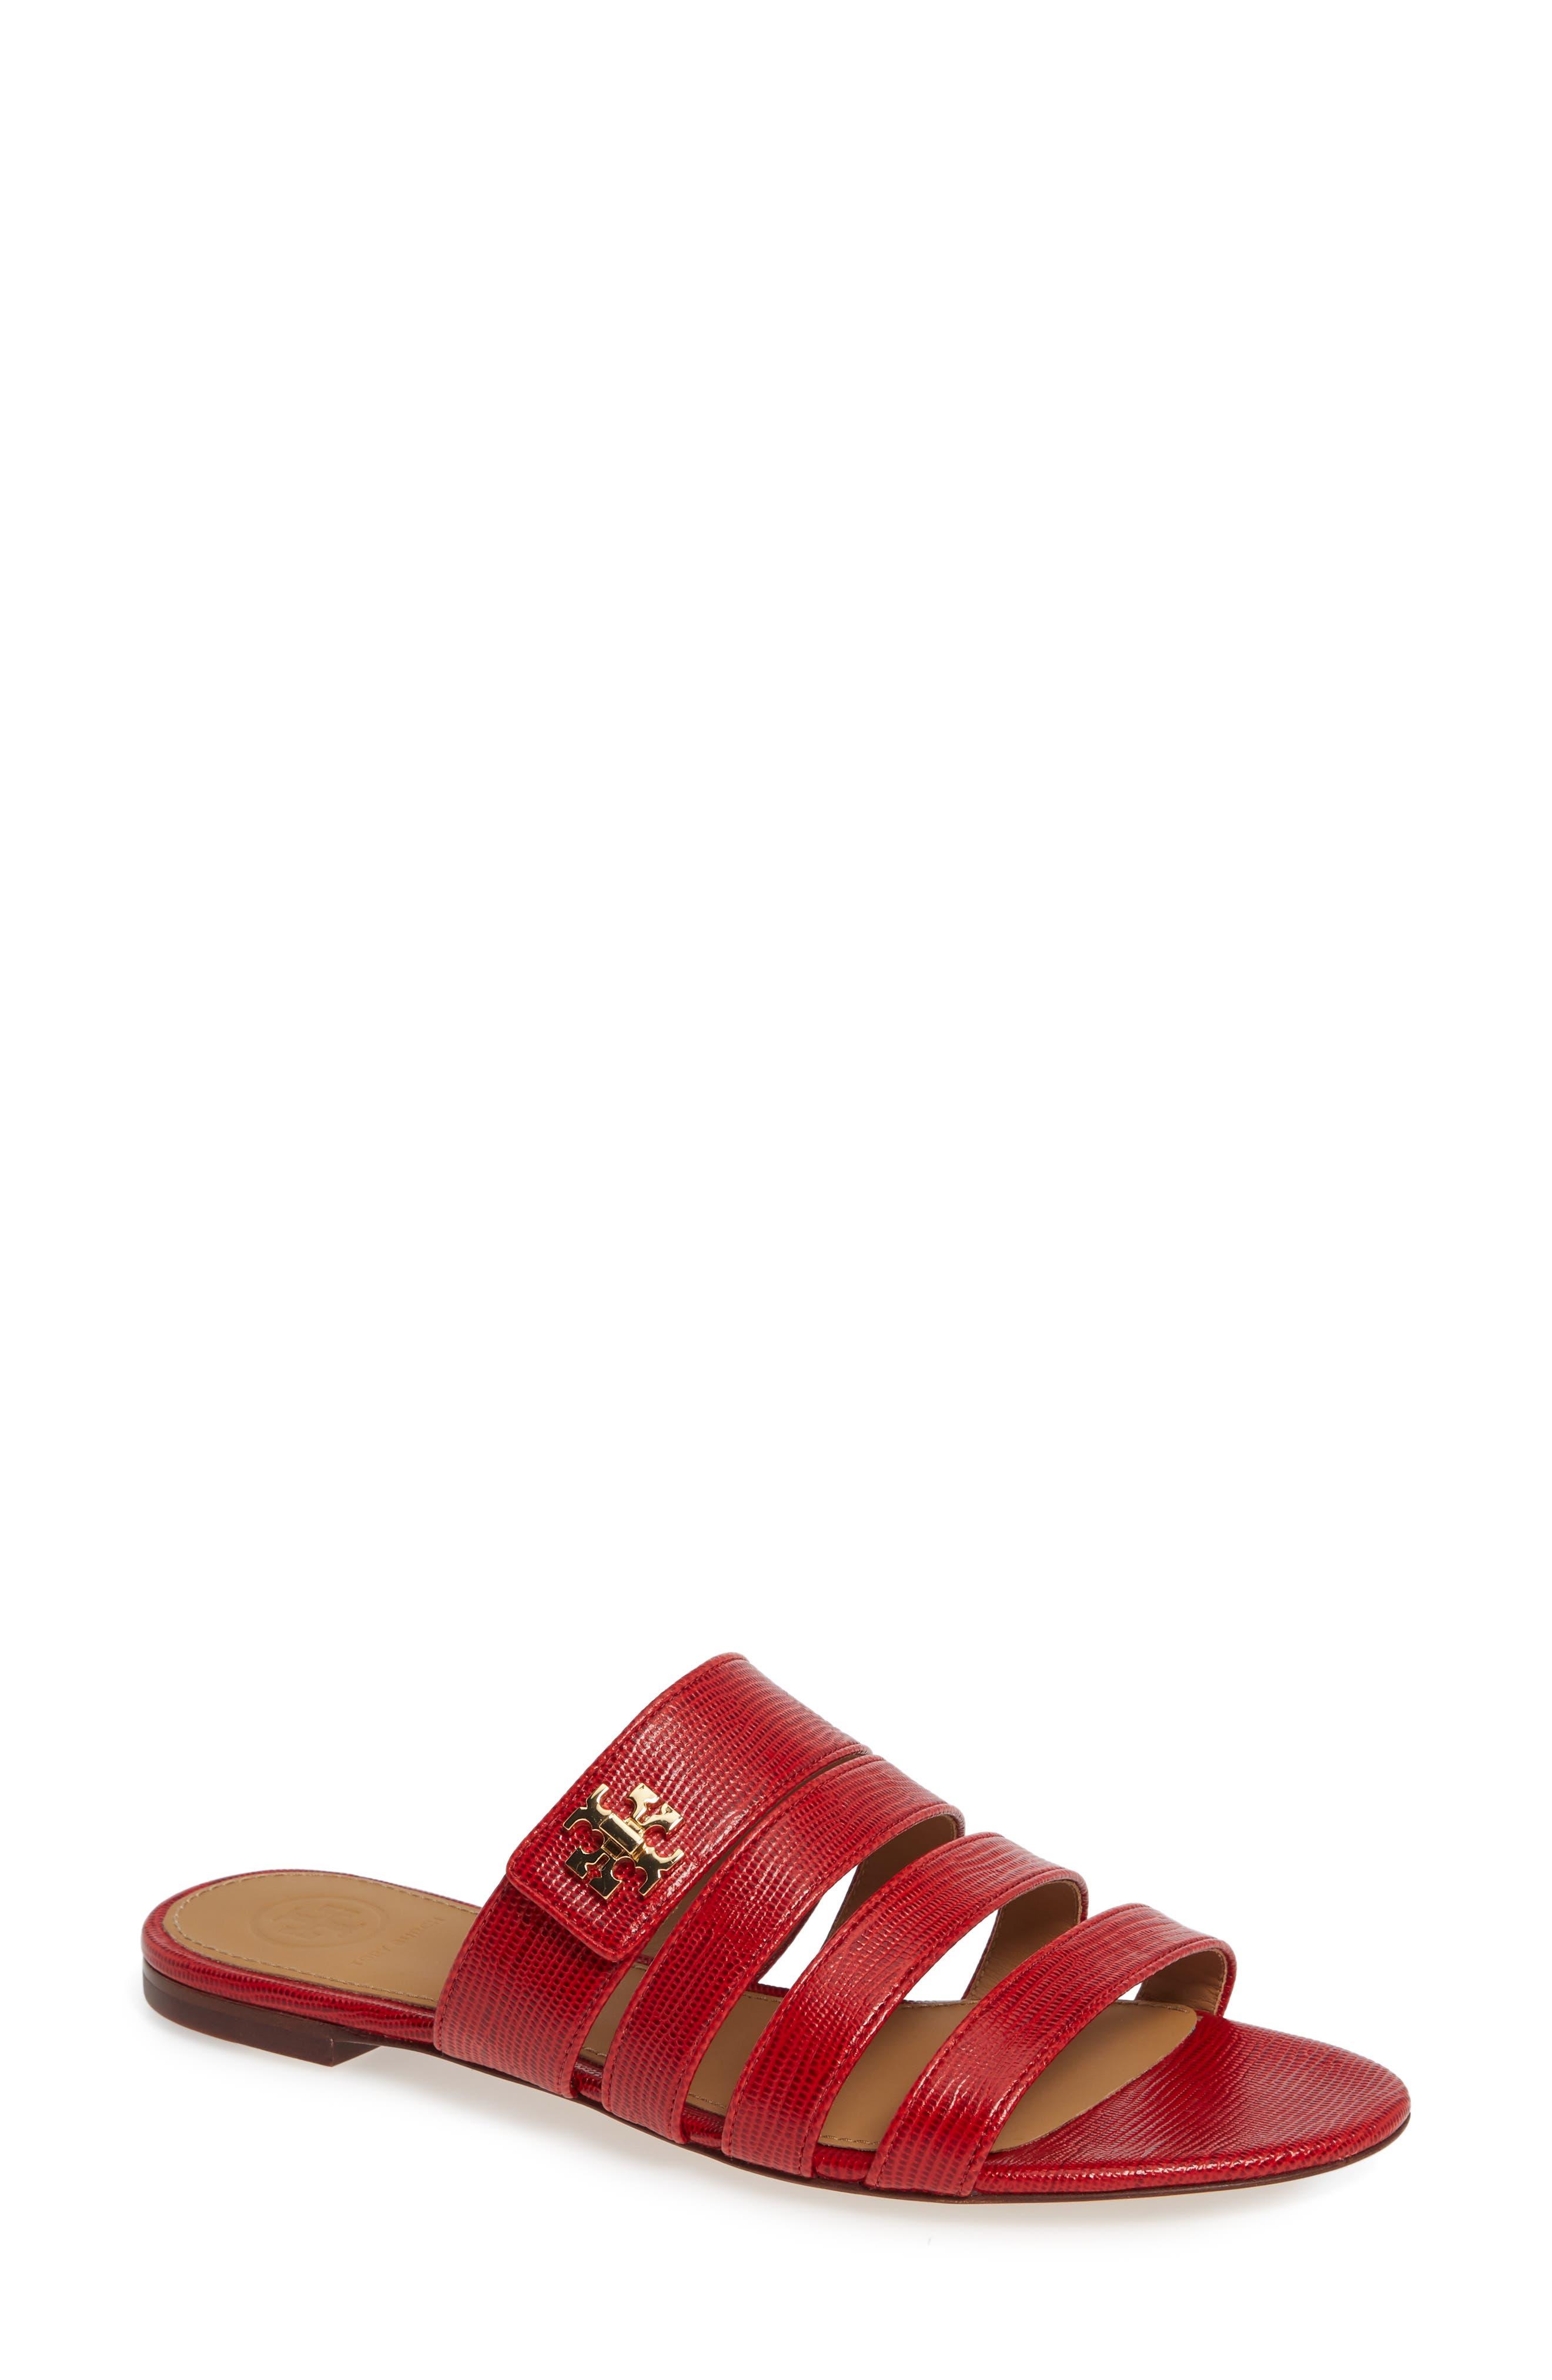 Tory Burch Kira Slide Sandal- Red